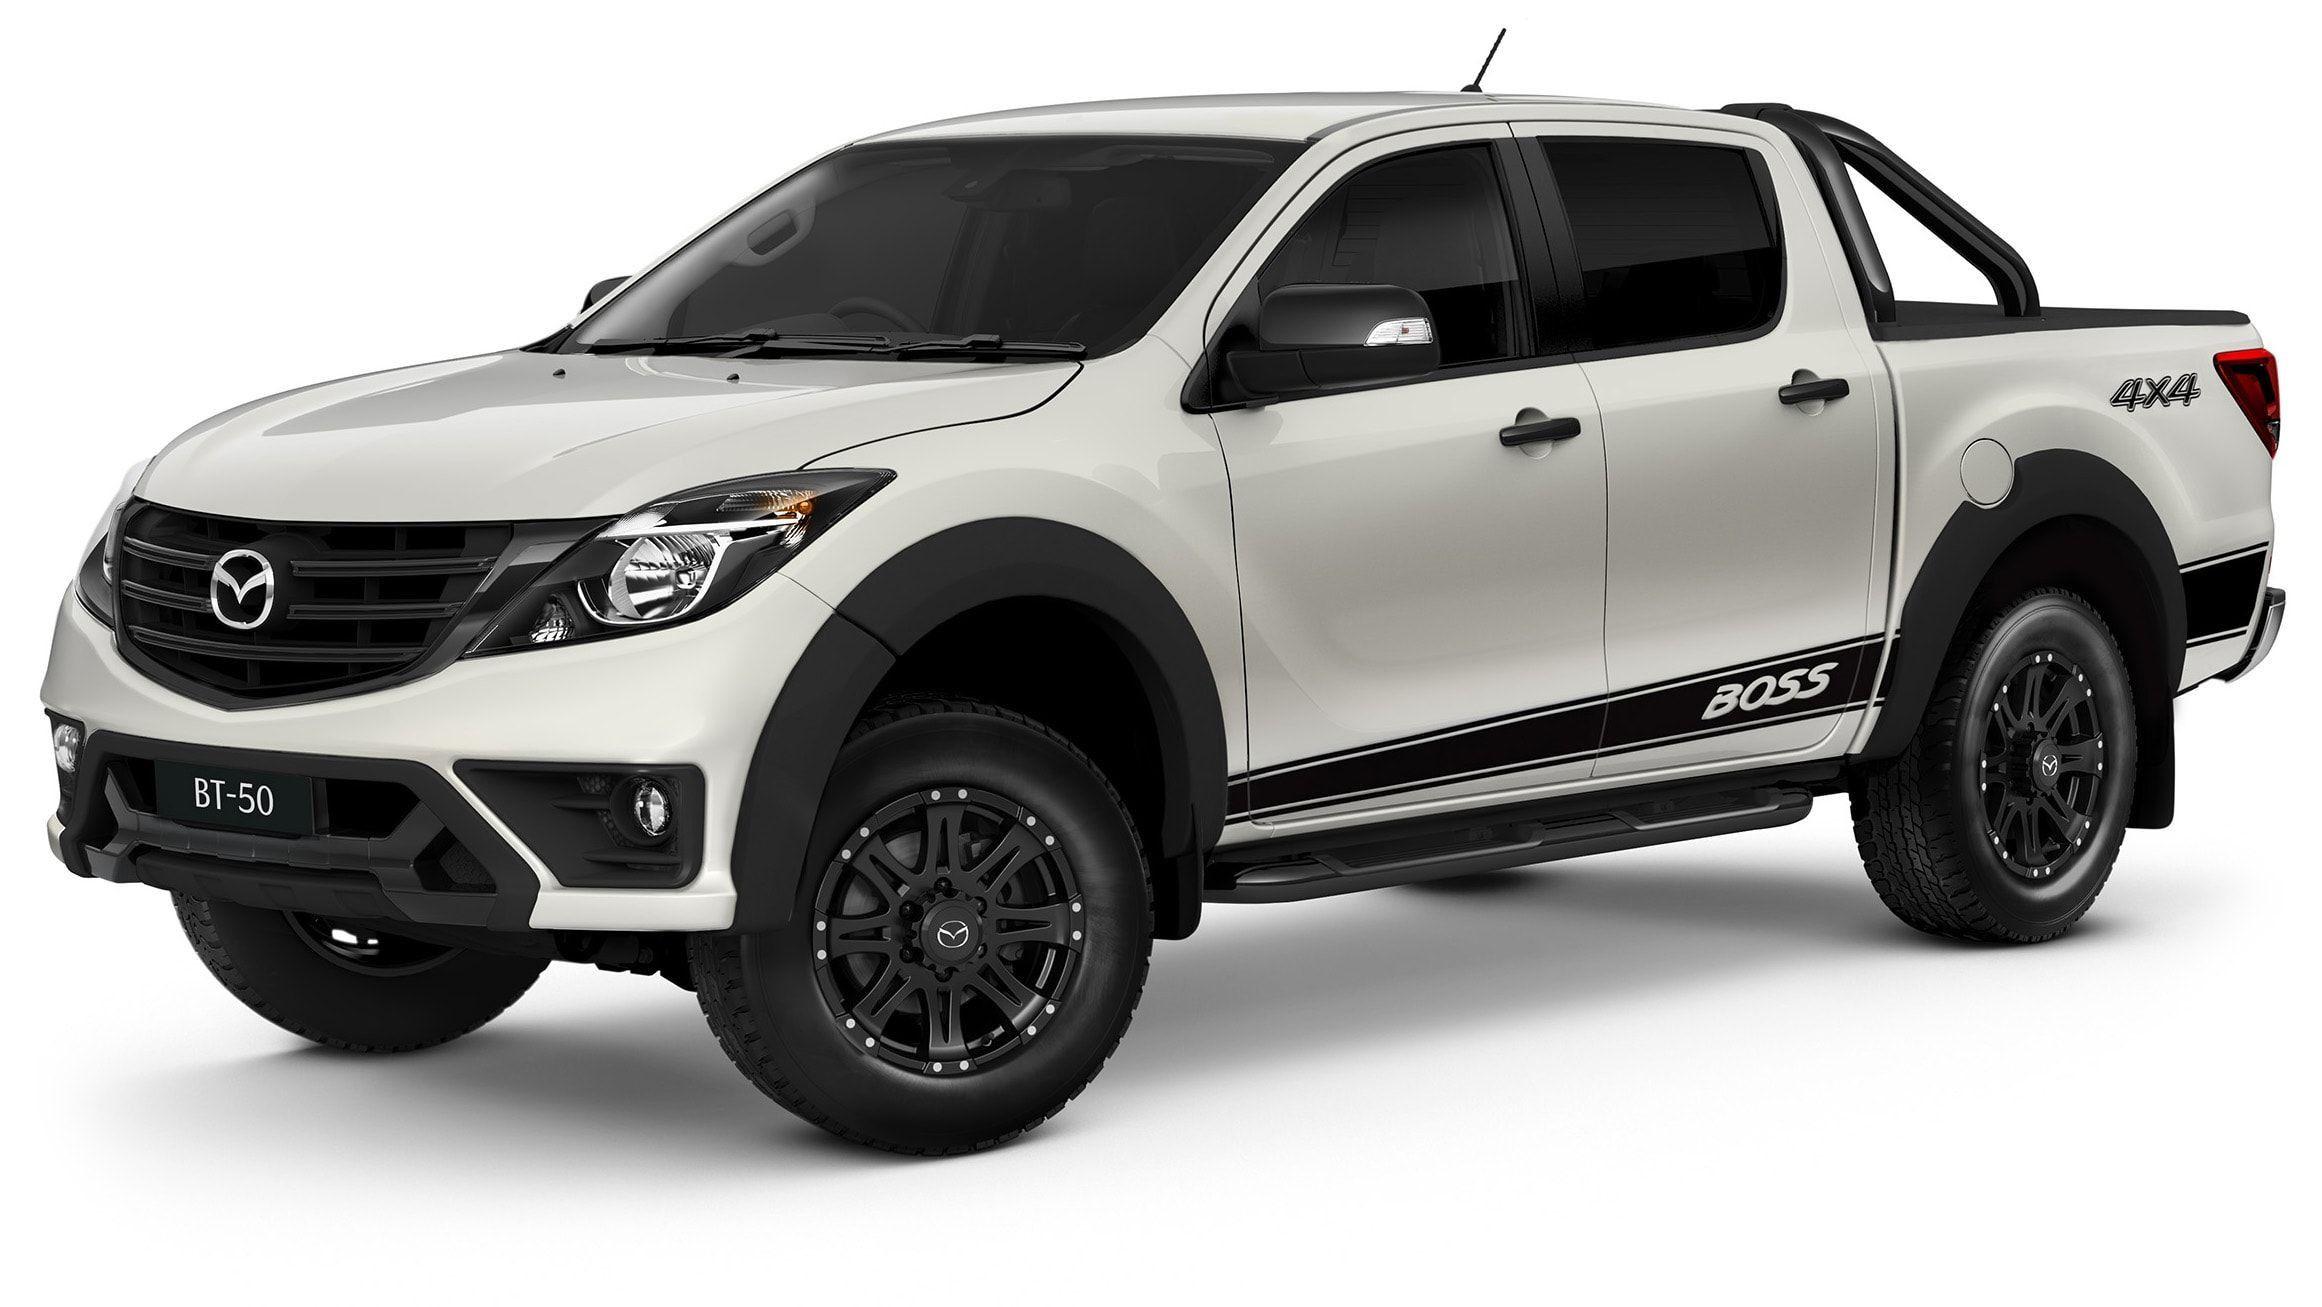 2020 Mazda Bt 50 Xt Picture In 2020 Mazda New Trucks Car